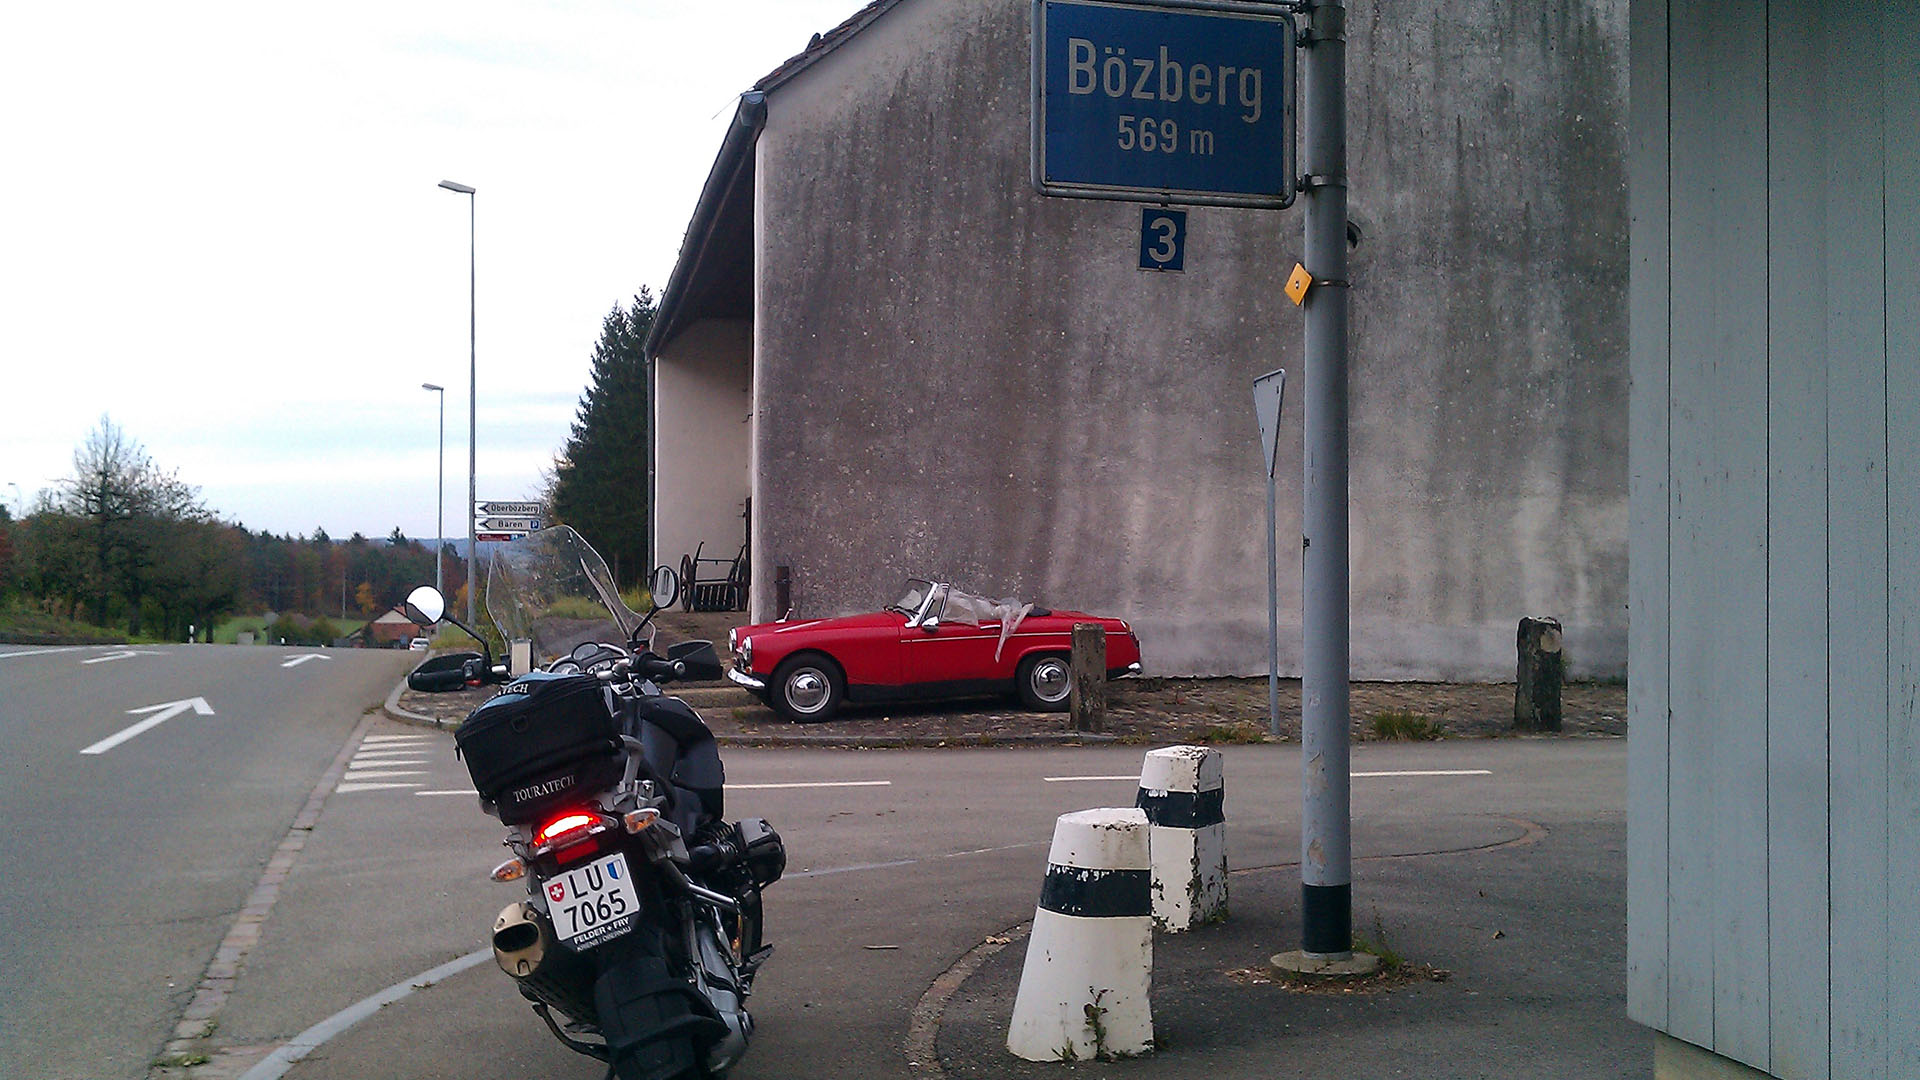 0569 - CH - Bözberg